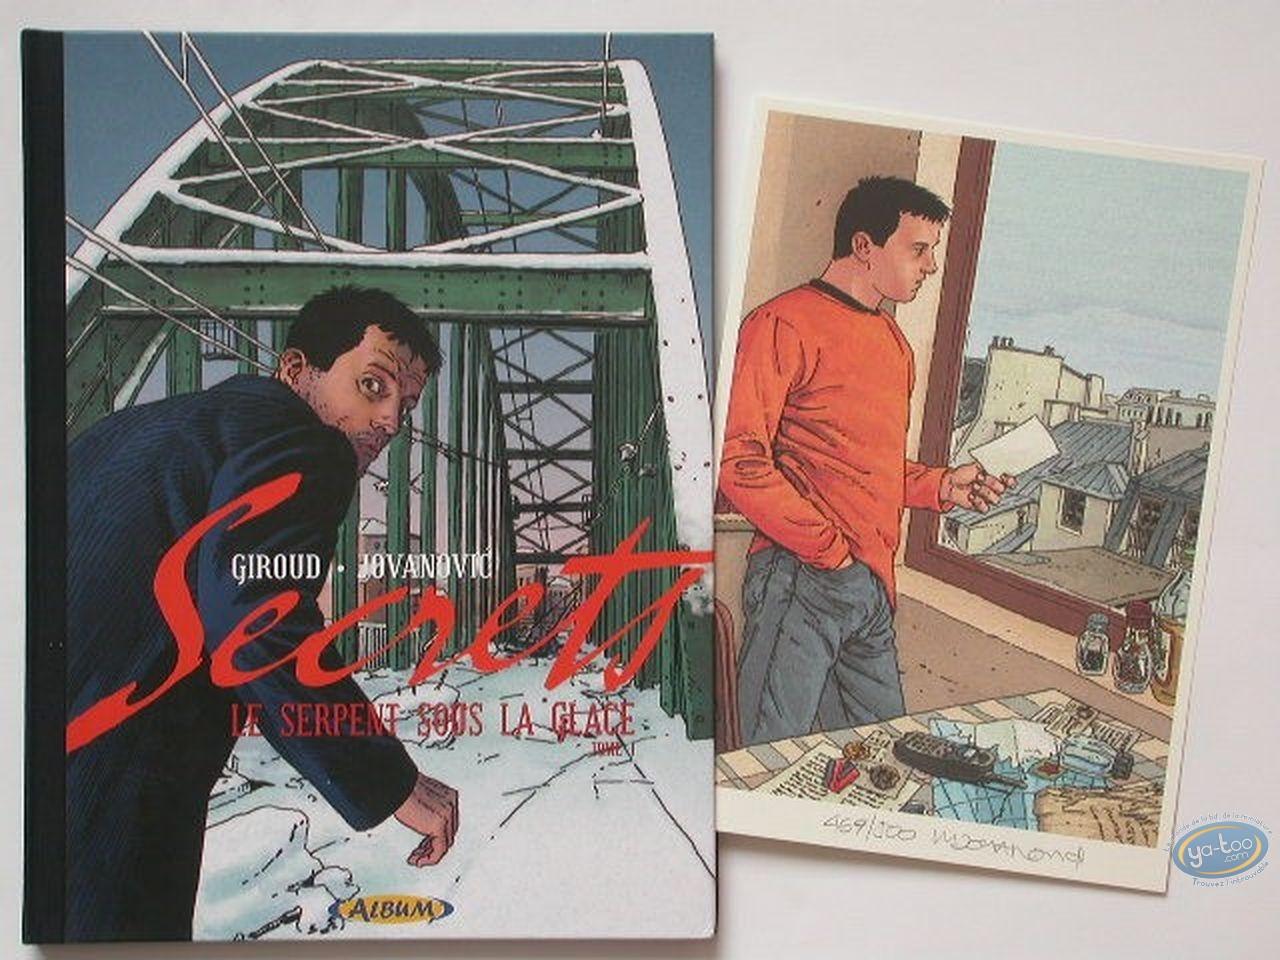 Edition spéciale, Serpent sous la Glace (Le) : Le serpent sous la glace